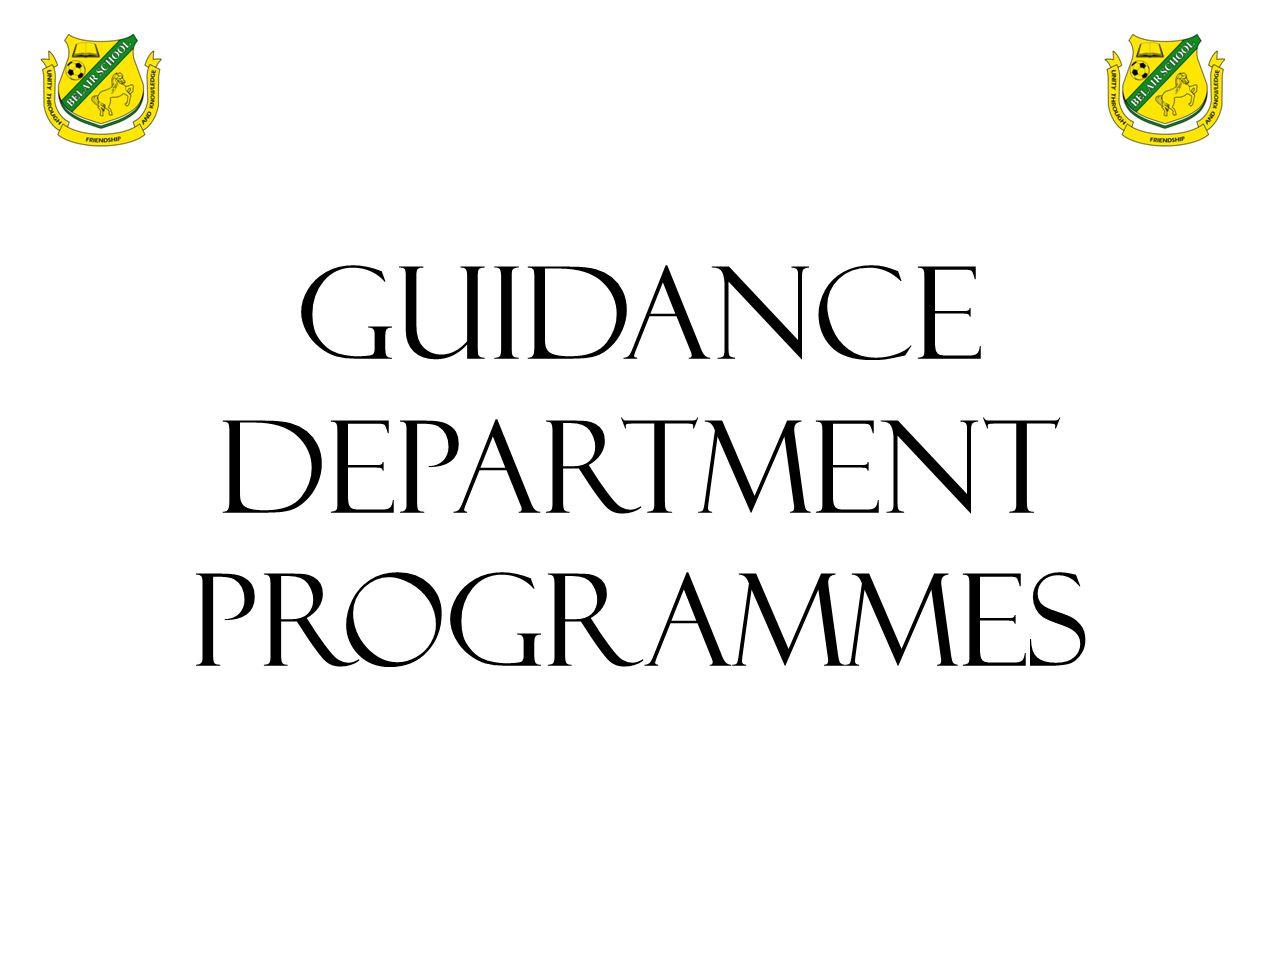 GUIDANCE DEPARTMENT PROGRAMMES